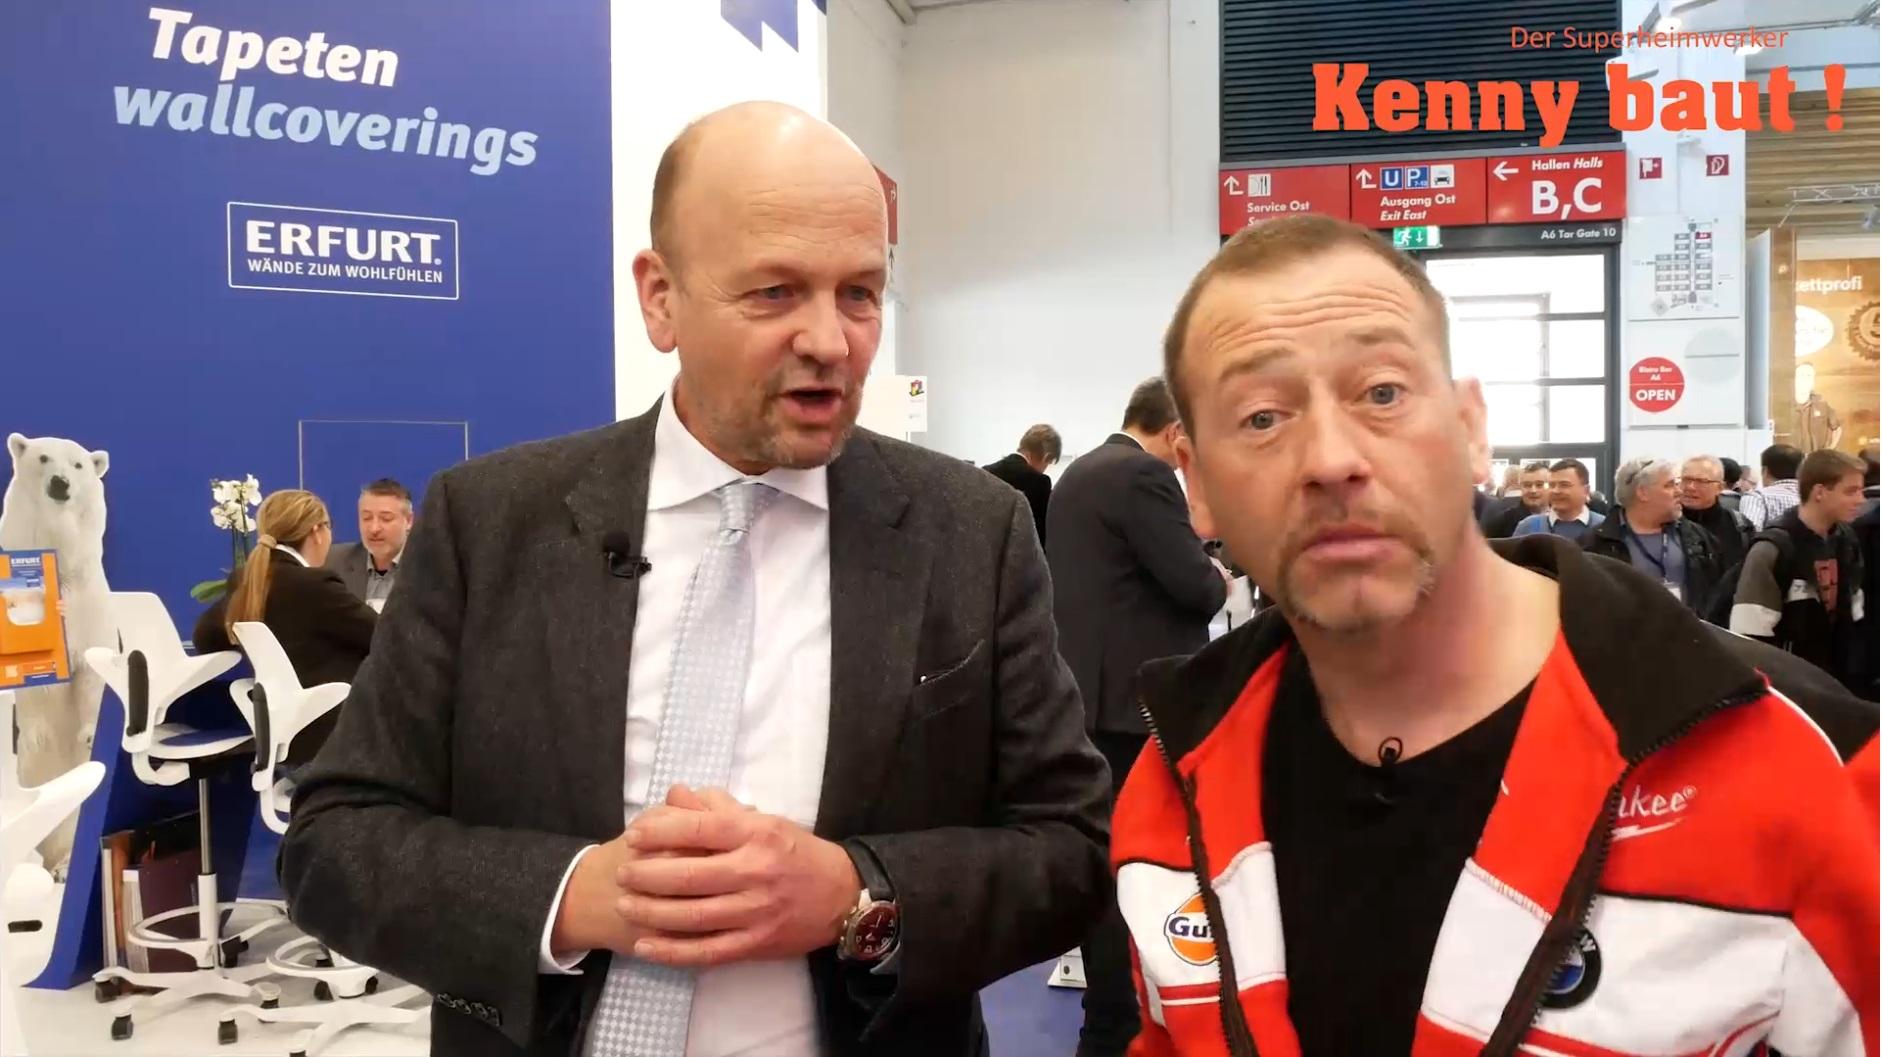 Kenny staunt! Erfurter Rauhfaser Tapete für Malermeister und Profis